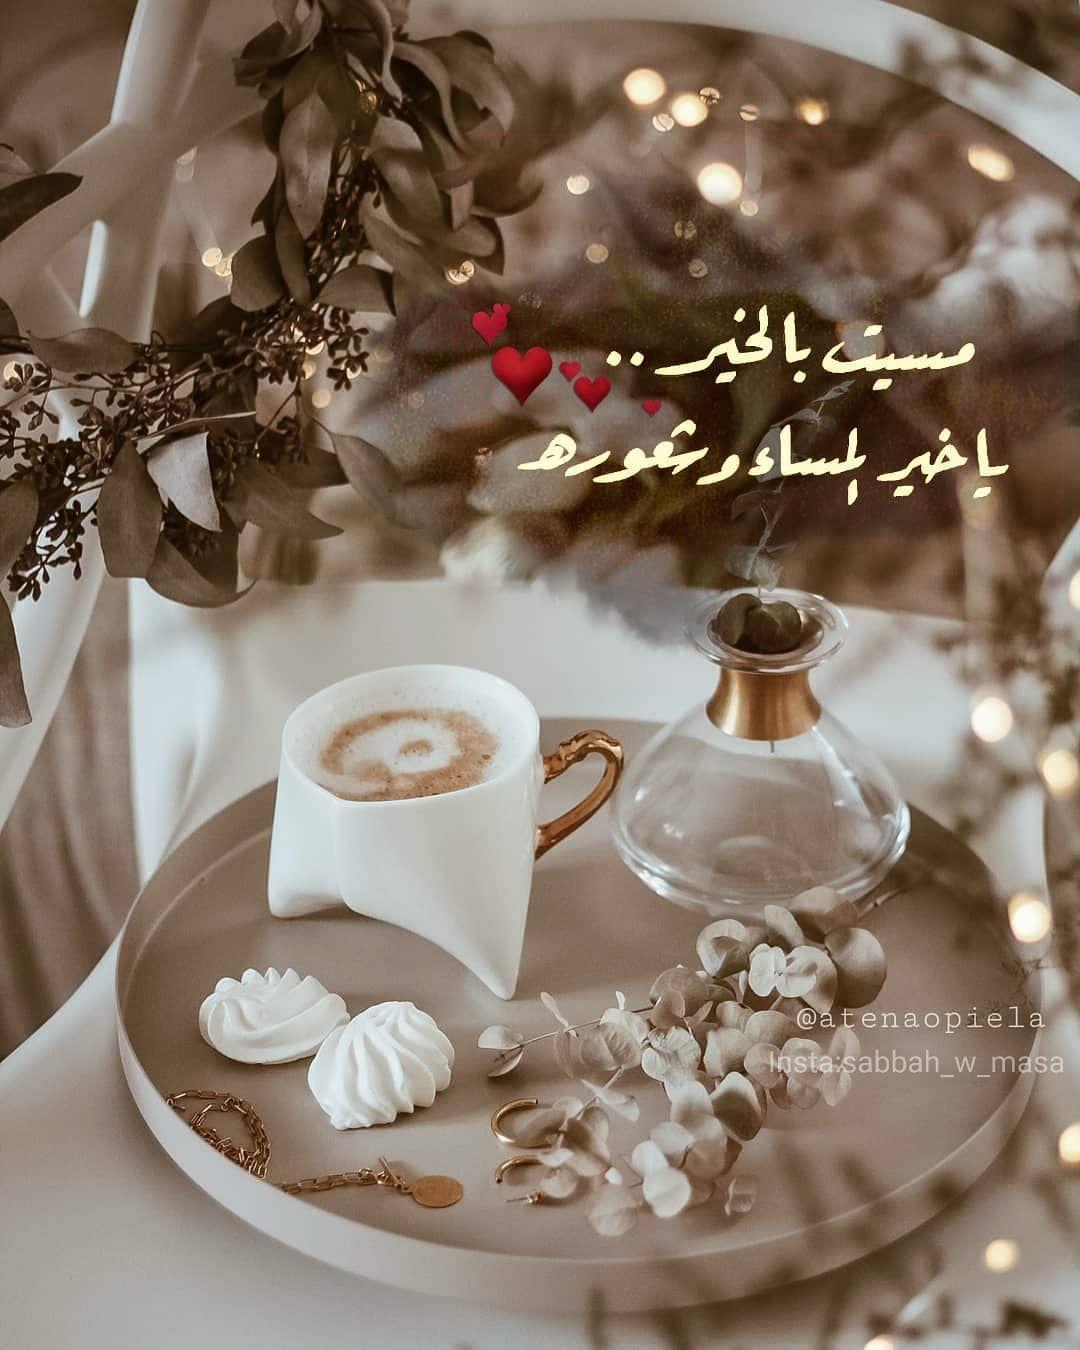 صبح و مساء On Instagram مسيت بالخير ياخير المساء وشعوره مساء الخير مساء الورد تصميم In 2021 Table Decorations Decor Islamic Pictures